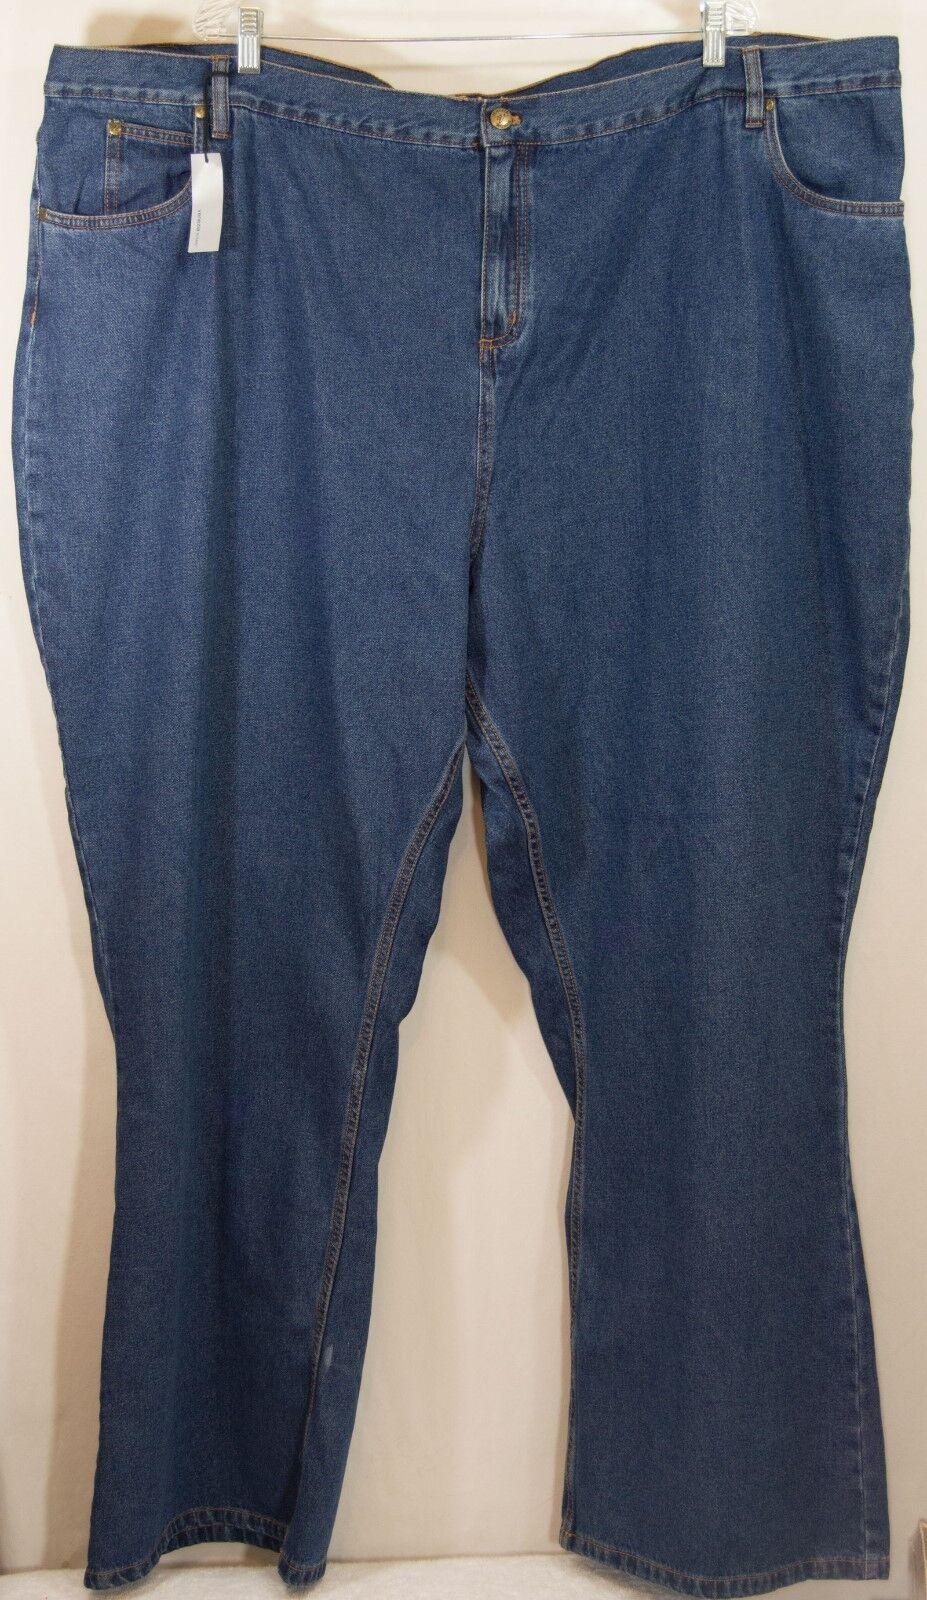 Venezia jeans plus size 36T 36W tall bootcut